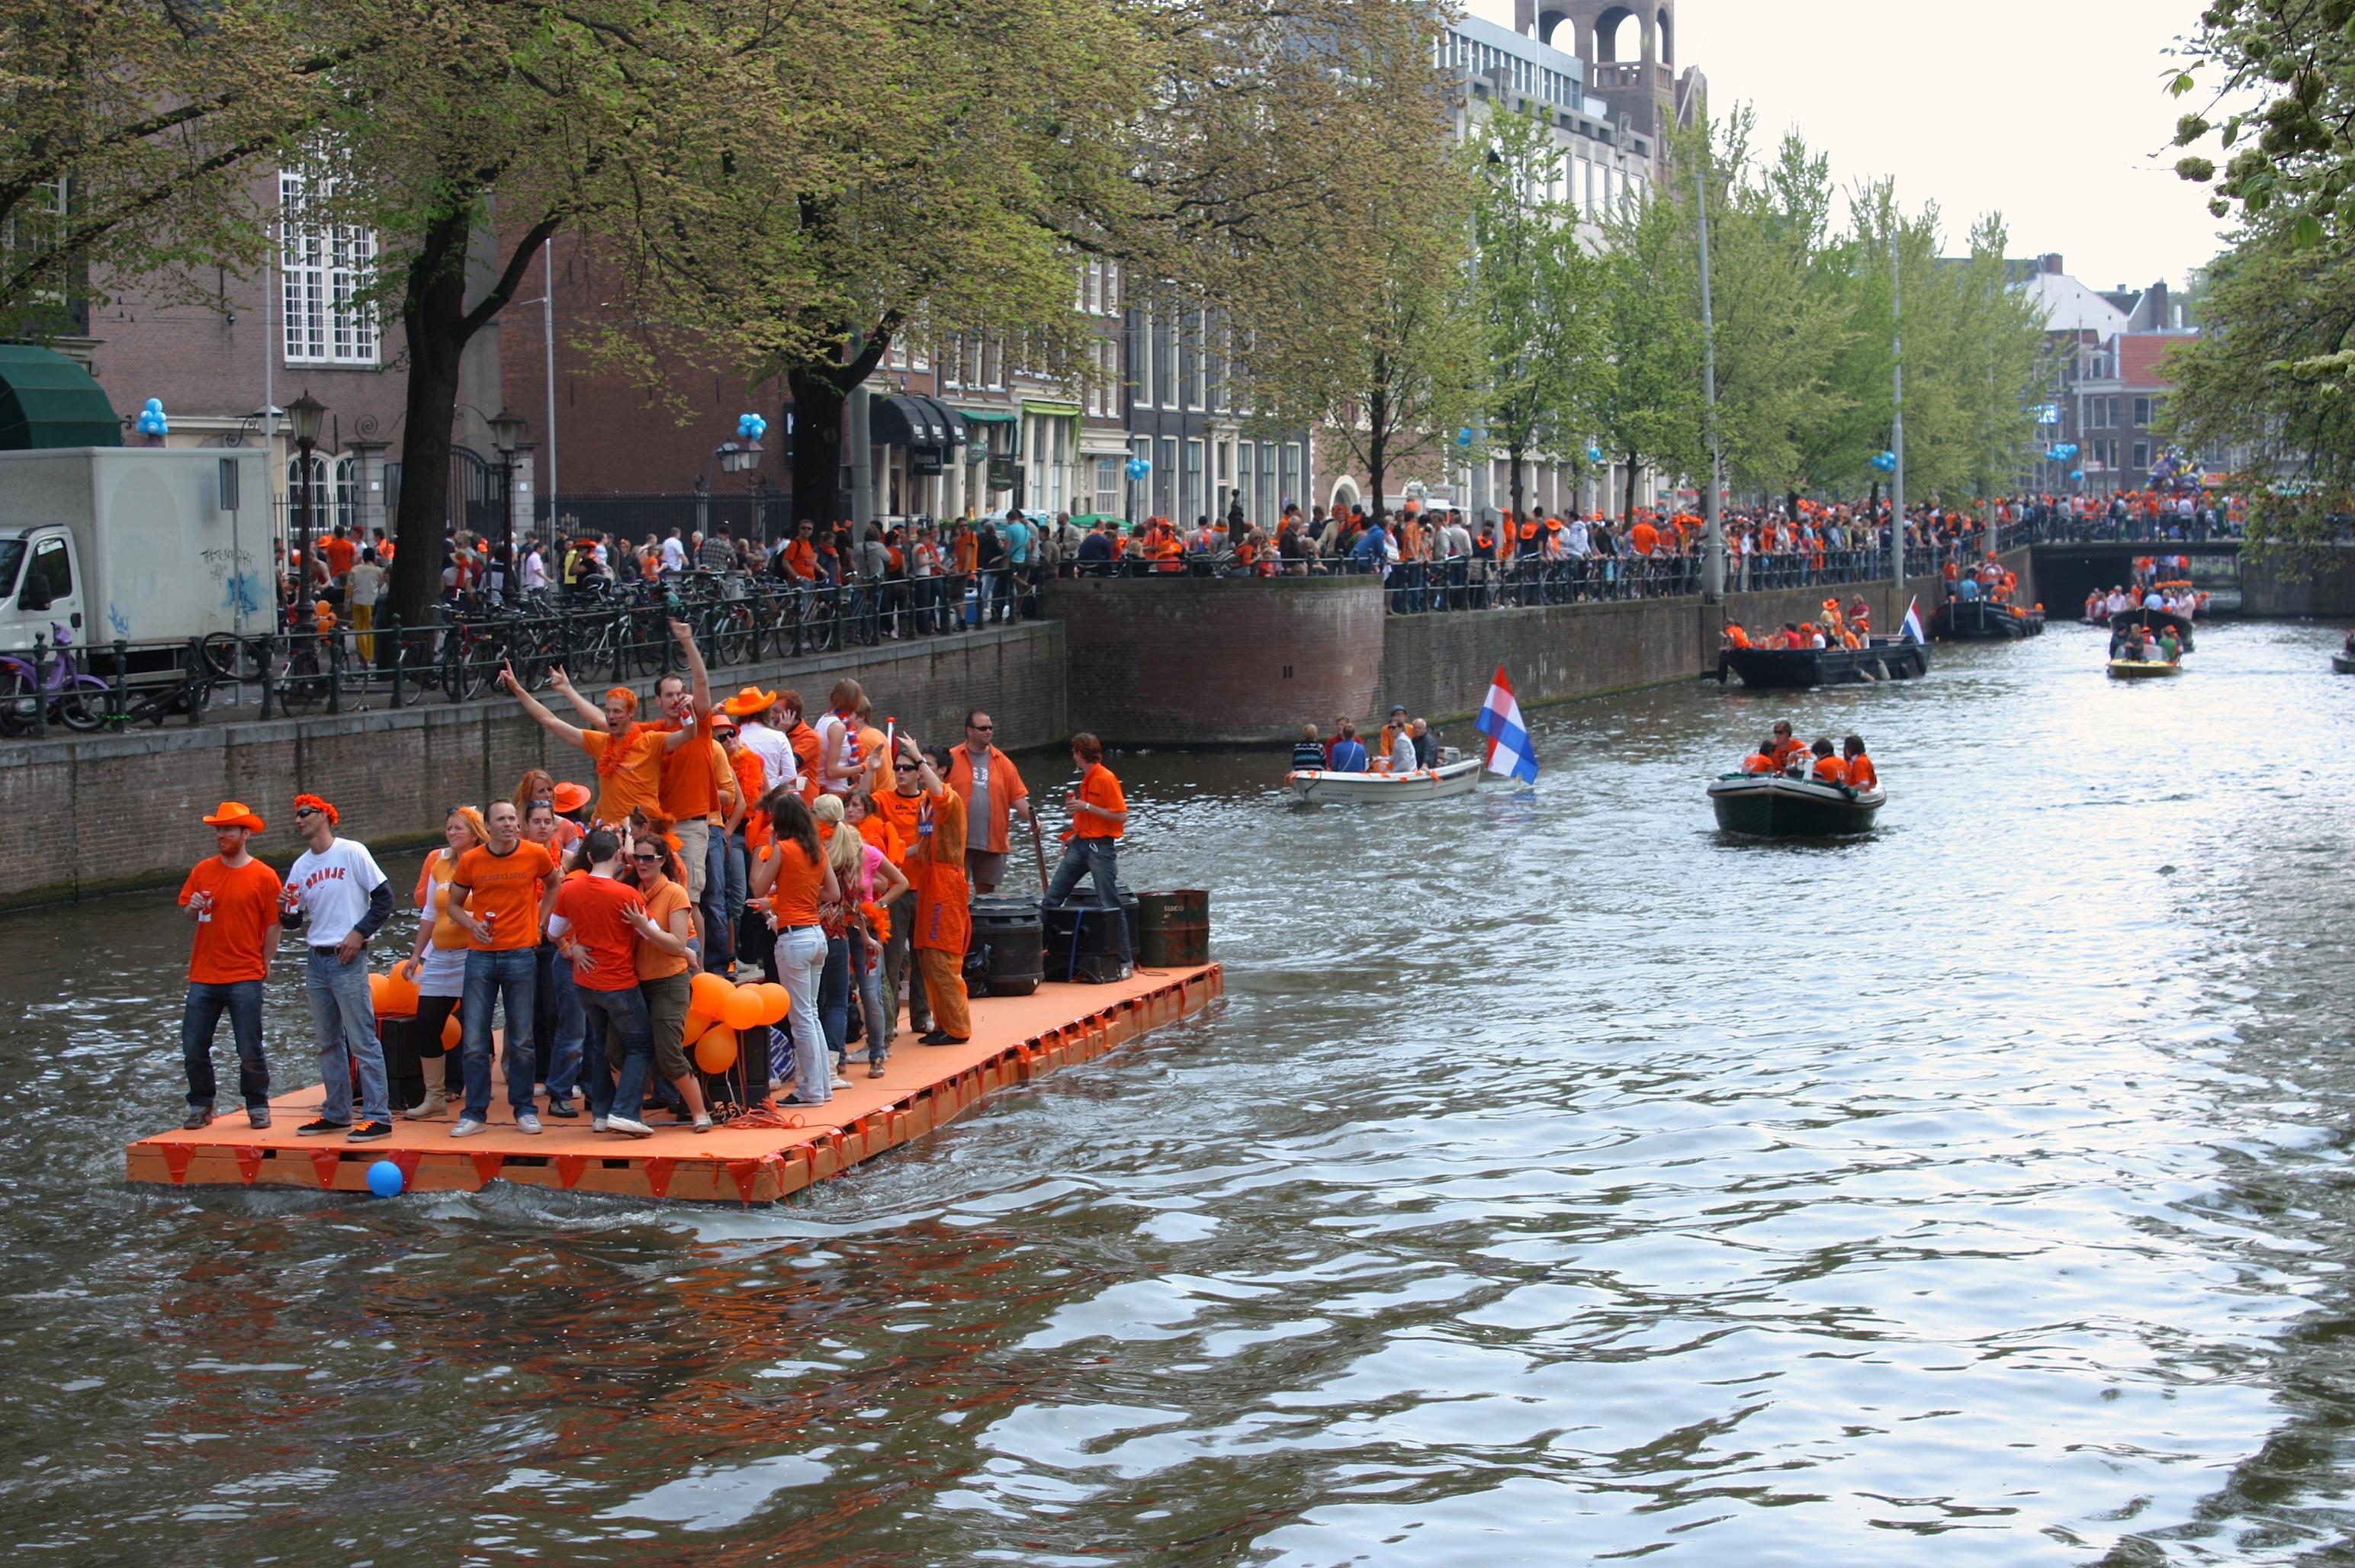 carri sull'acqua per la festa del re ad amsterdam